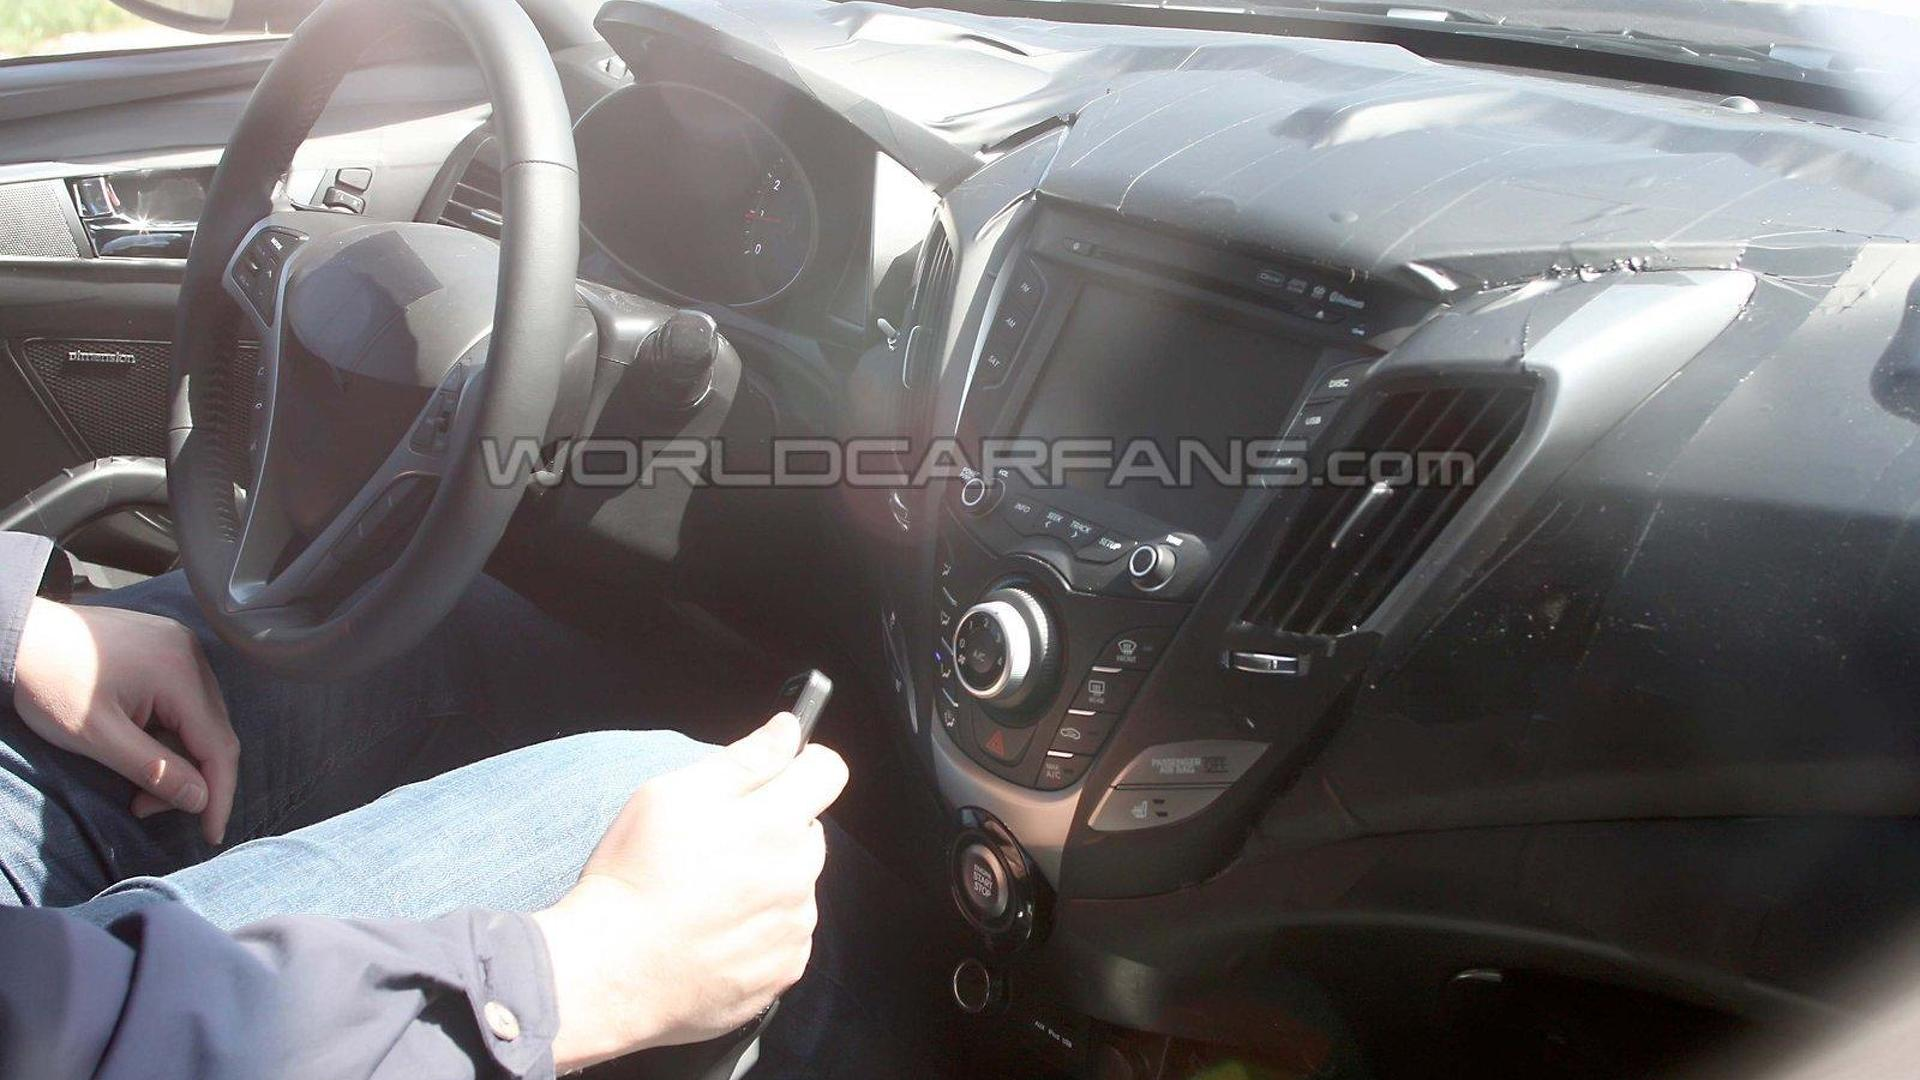 Hyundai Veloster teased for Detroit debut [video]